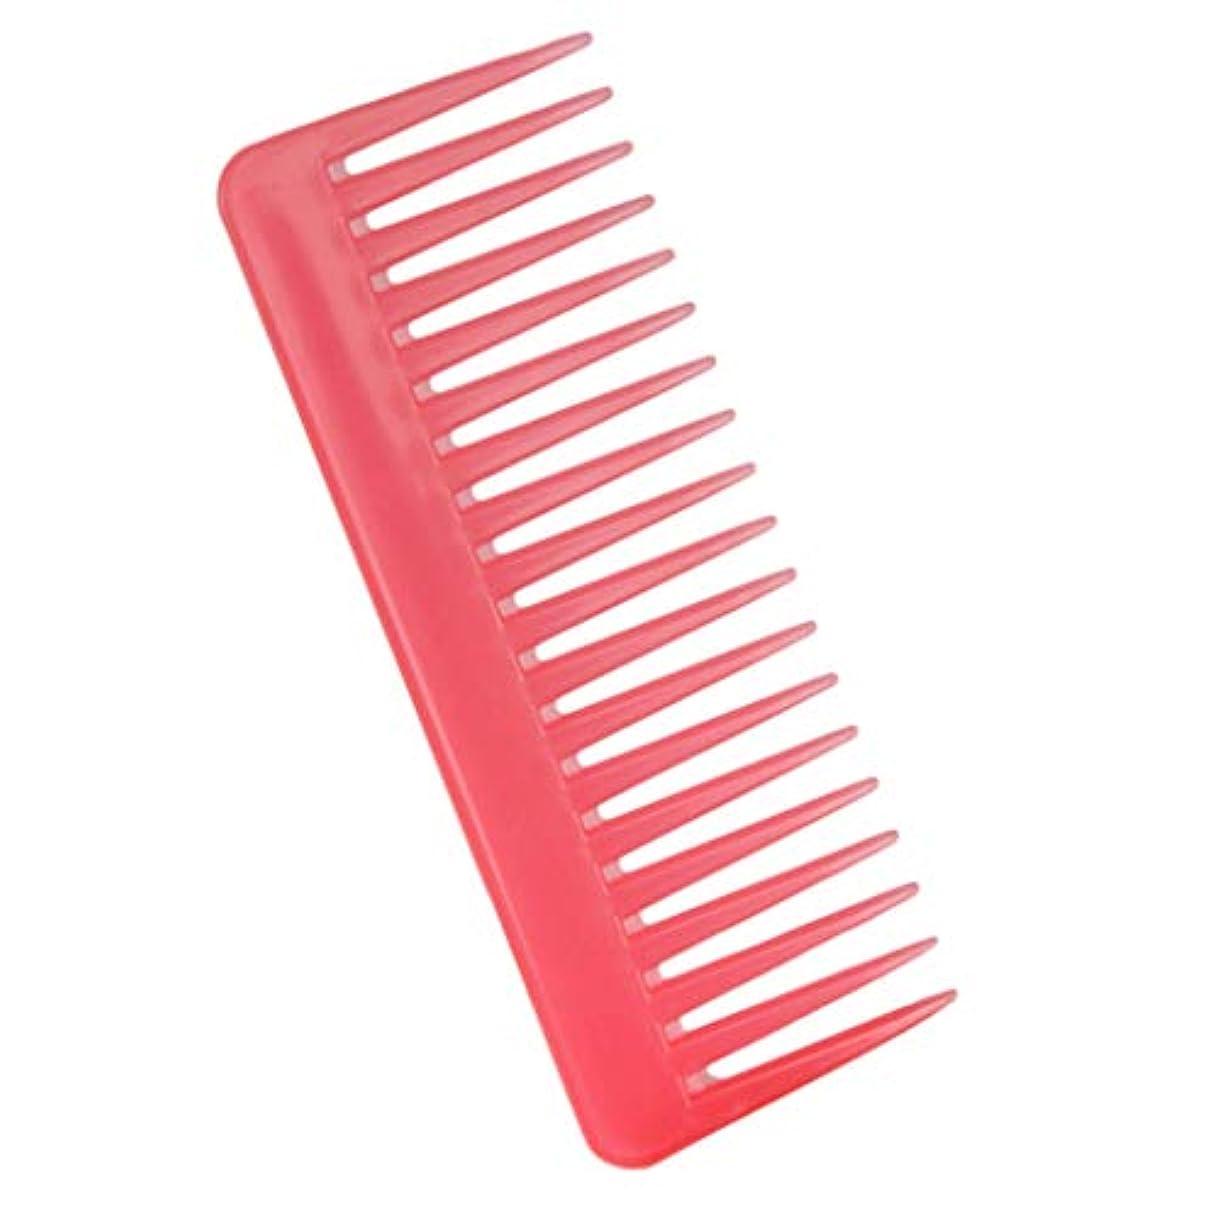 ゴージャス中級適切にP Prettyia 帯電防止櫛 ヘアケア ヘアブラシ サロン用 自宅用 ヘアコーム 3色選べ - ピンク